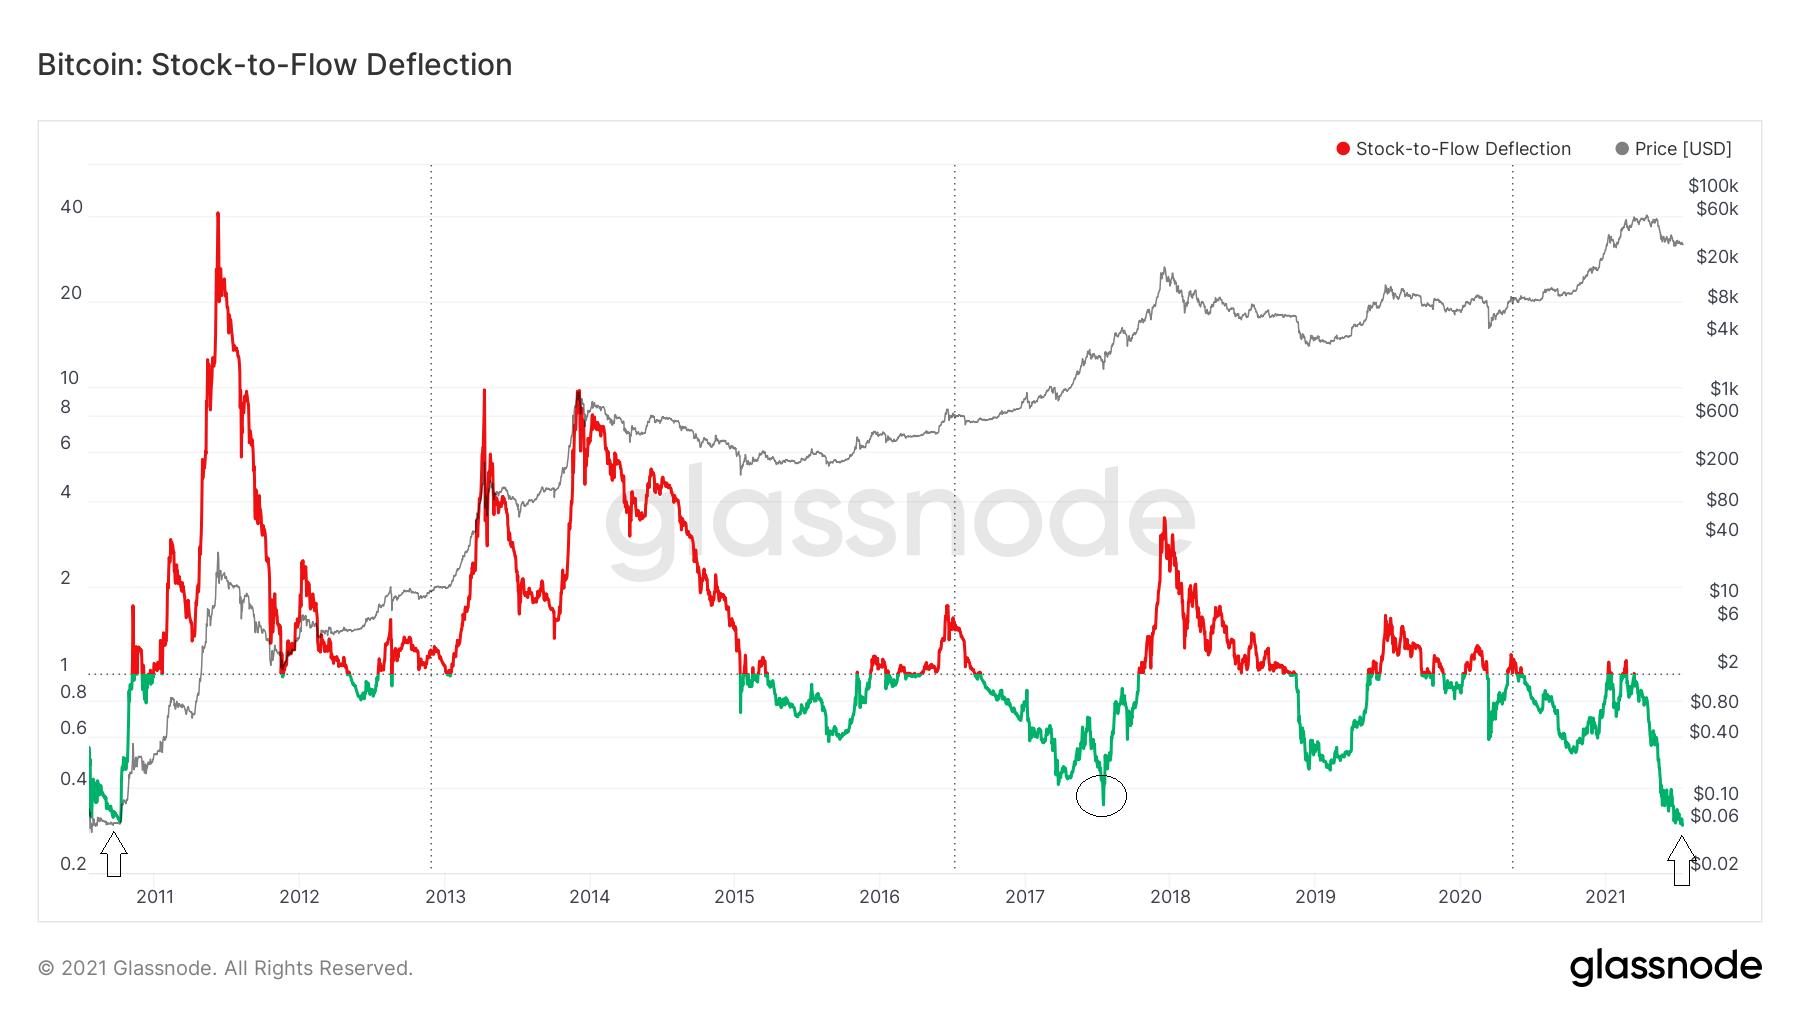 Модель Stock-to-Flow для биткоина показывает недооцененность BTC